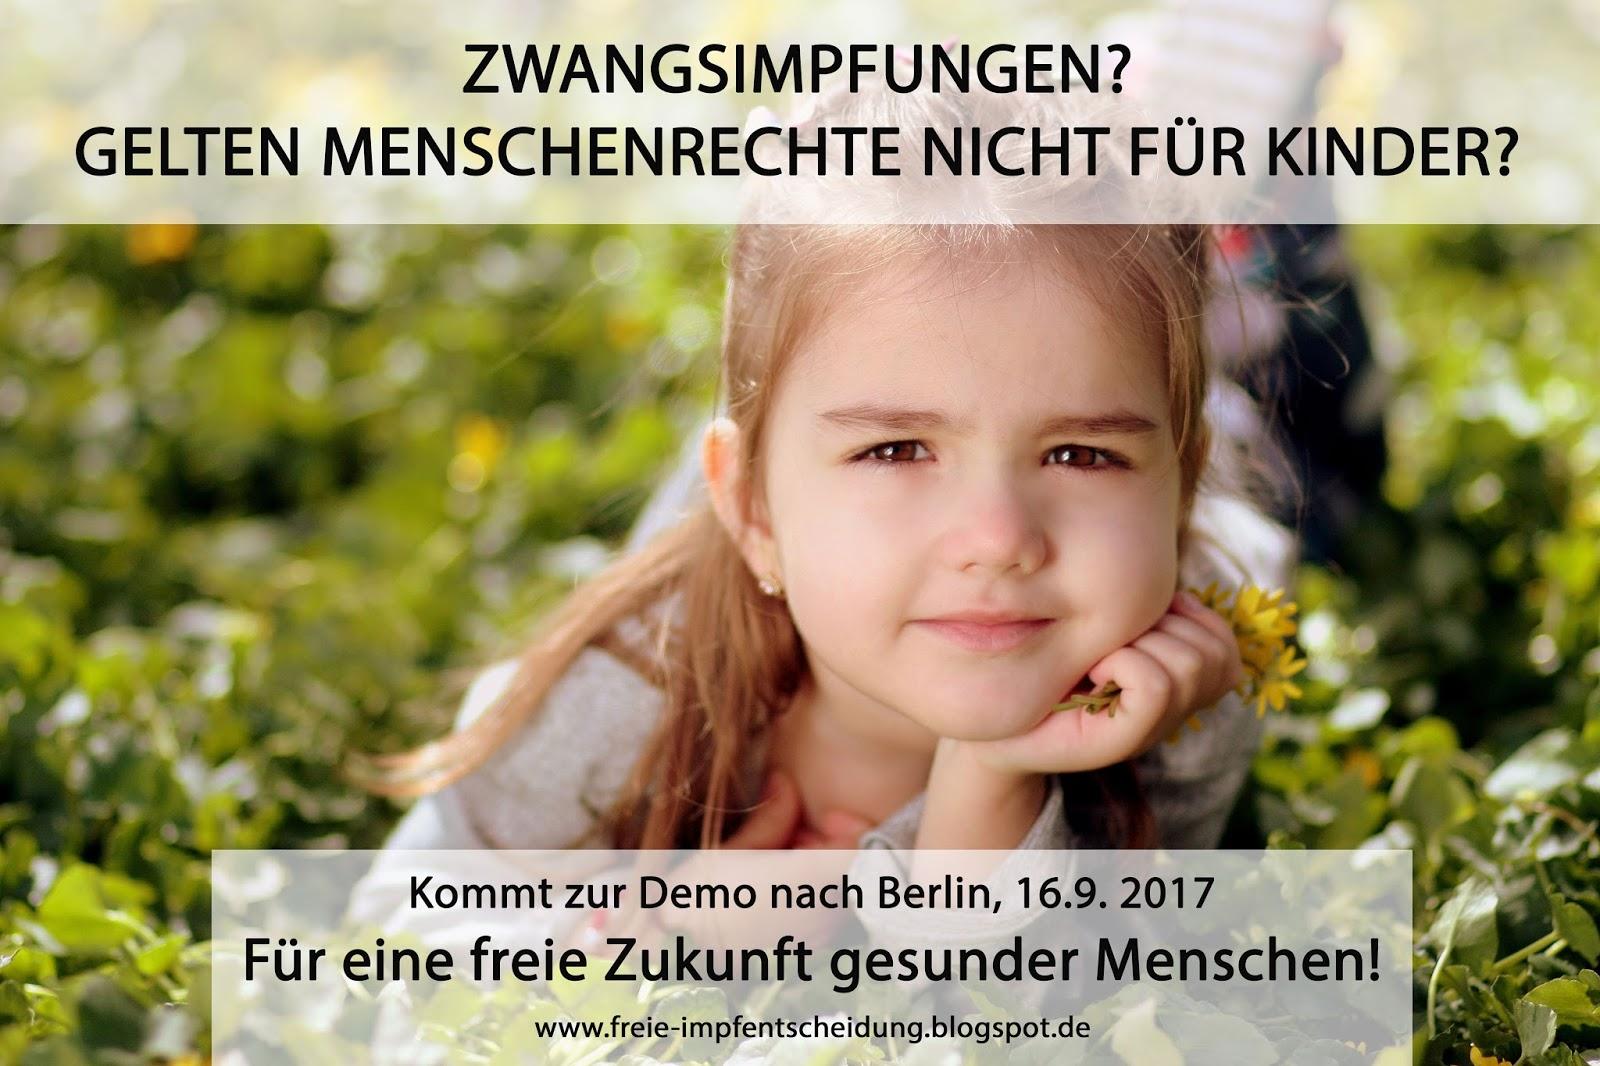 Für freie Impfentscheidung - gegen Zwangsmaßnahmen!: WARUM SOLLTE ...